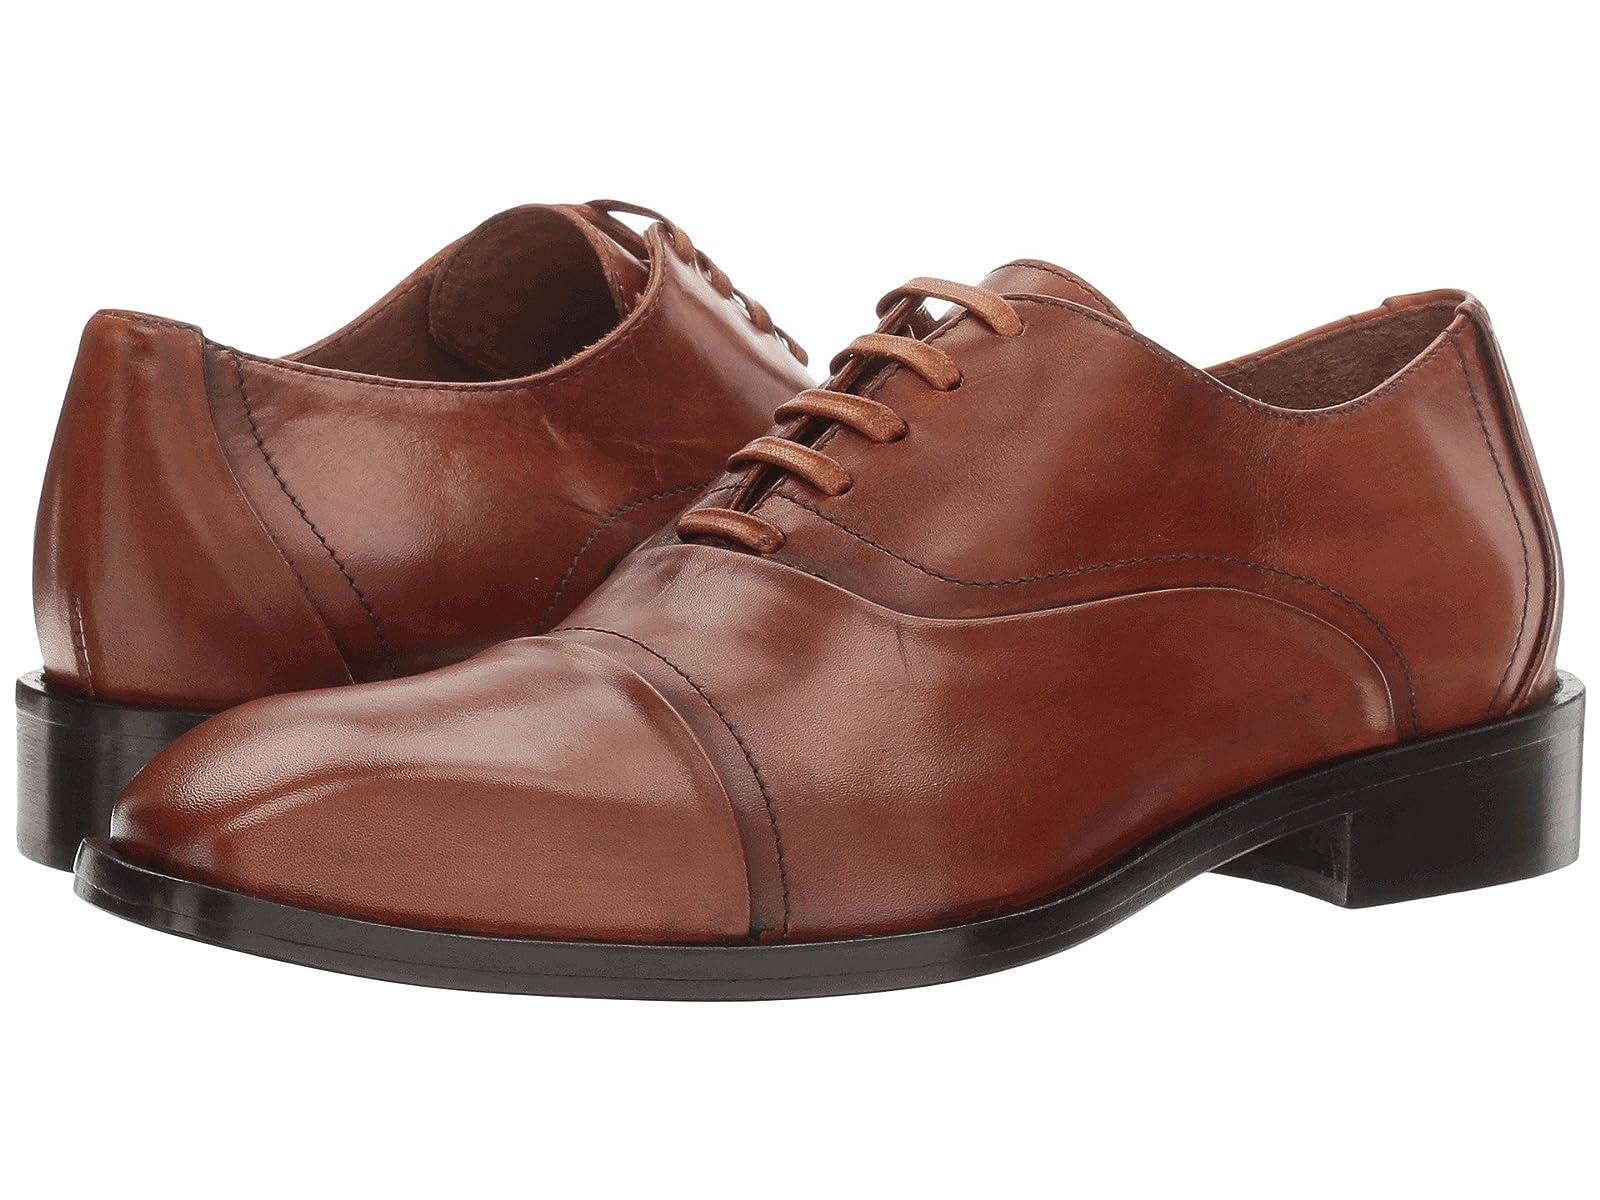 Donald J Pliner ValericoAtmospheric grades have affordable shoes